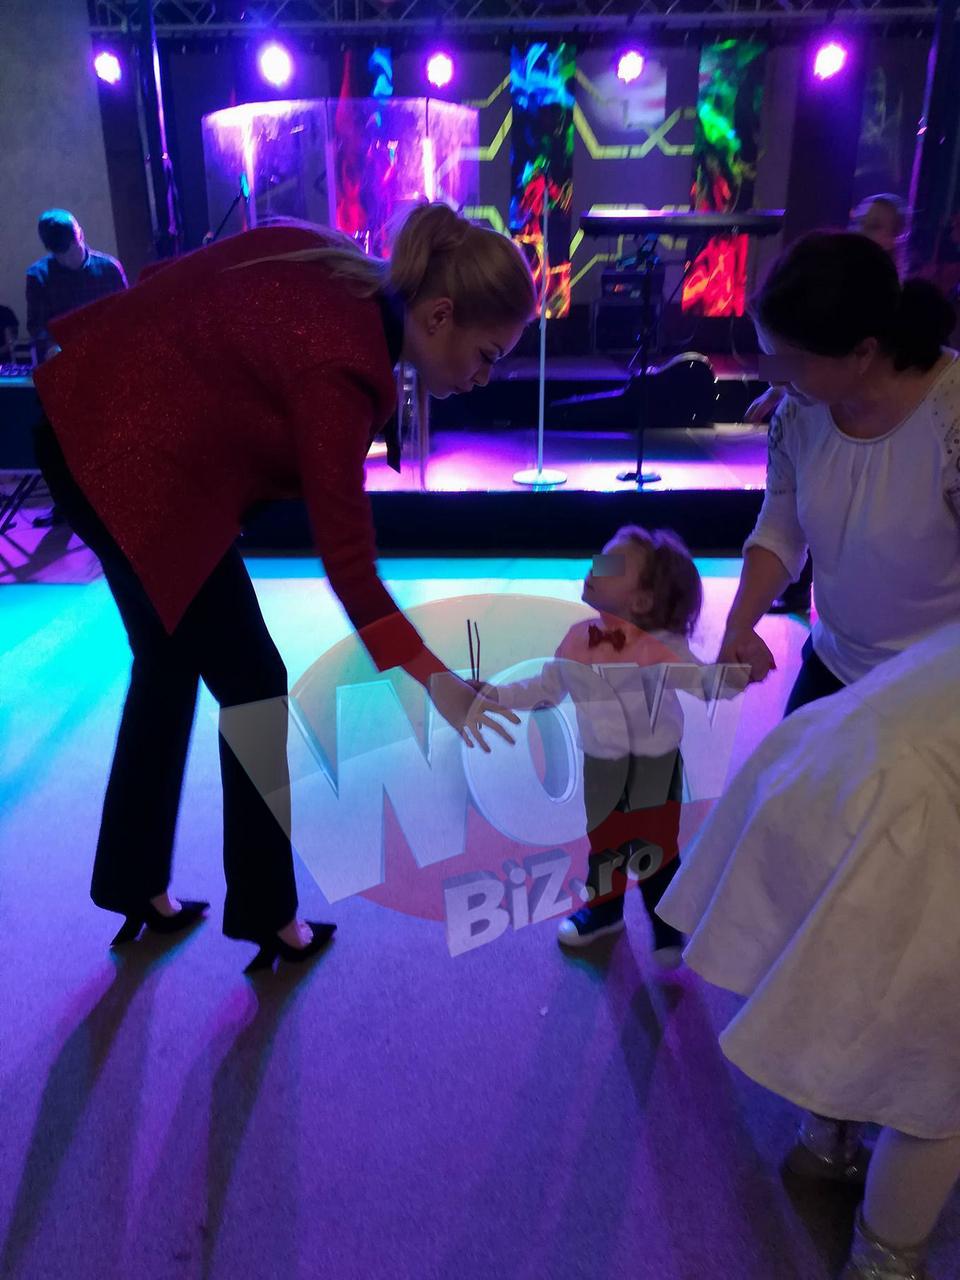 Valentina Pelinel a venit cu bona la petrecerea de botez a fetitei lui Madalin Ionescu. Femeia care are grija de micutul Milan locuieste in vila din Pipera si a plecat intr-o super vacanta de 5 stele, in Turcia VIDEO EXCLUSIV